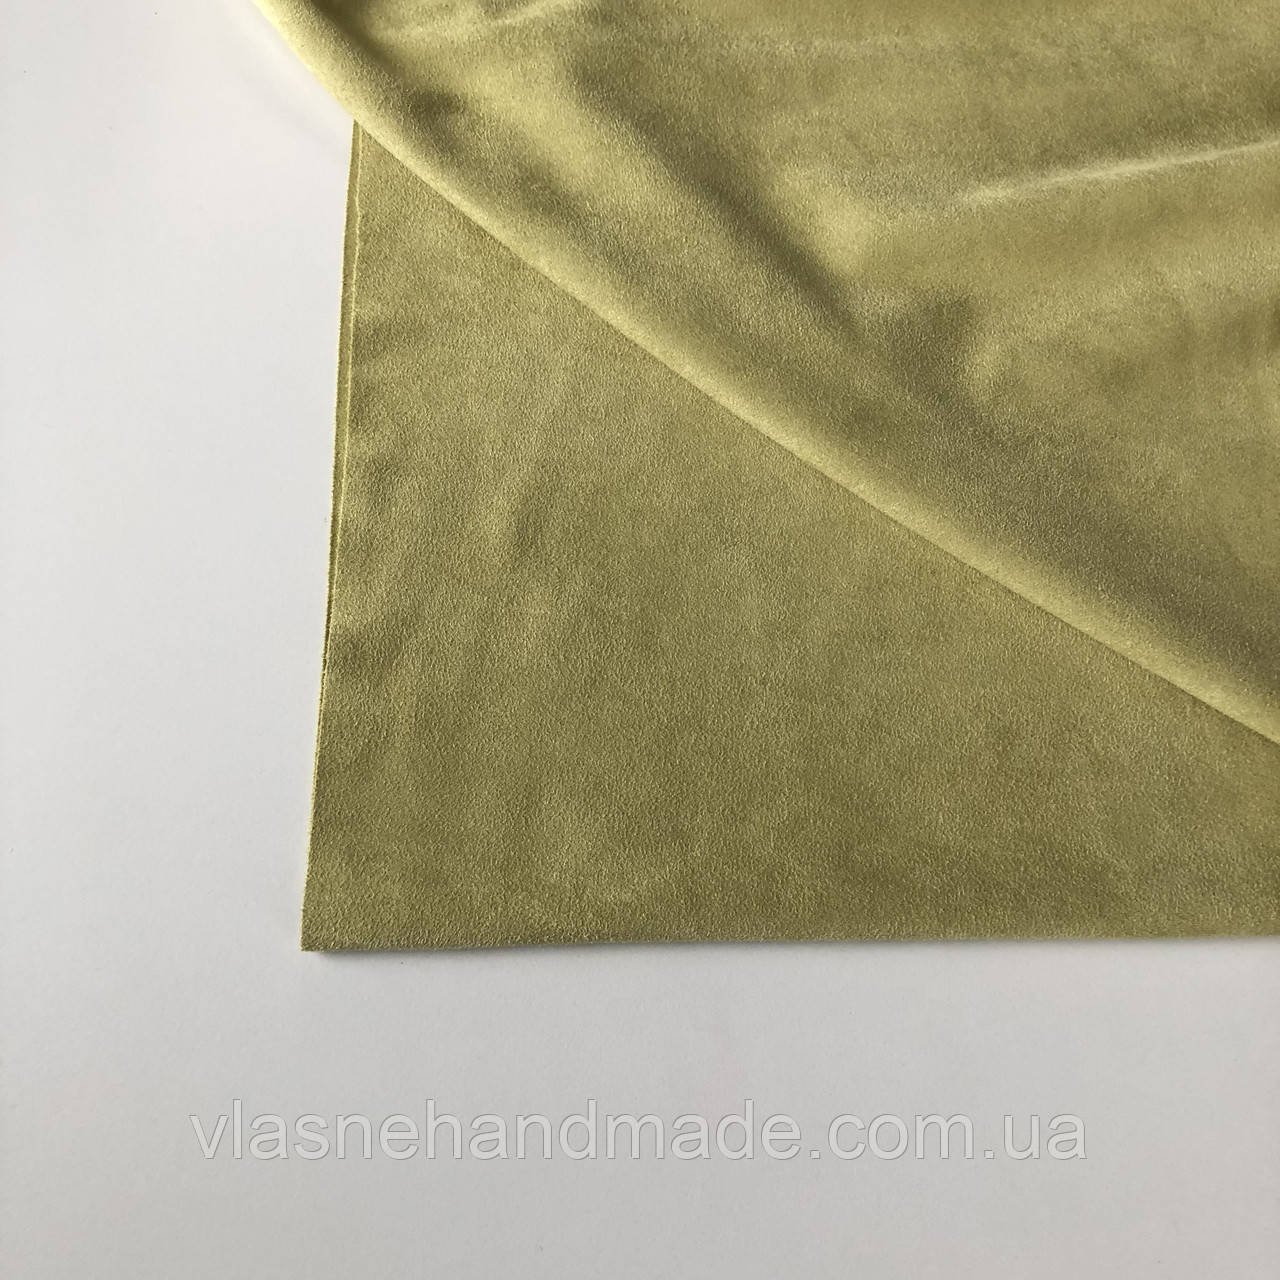 Замша штучна двостороння. Світла олива (13-14). Ціна за відріз 25х36 см.